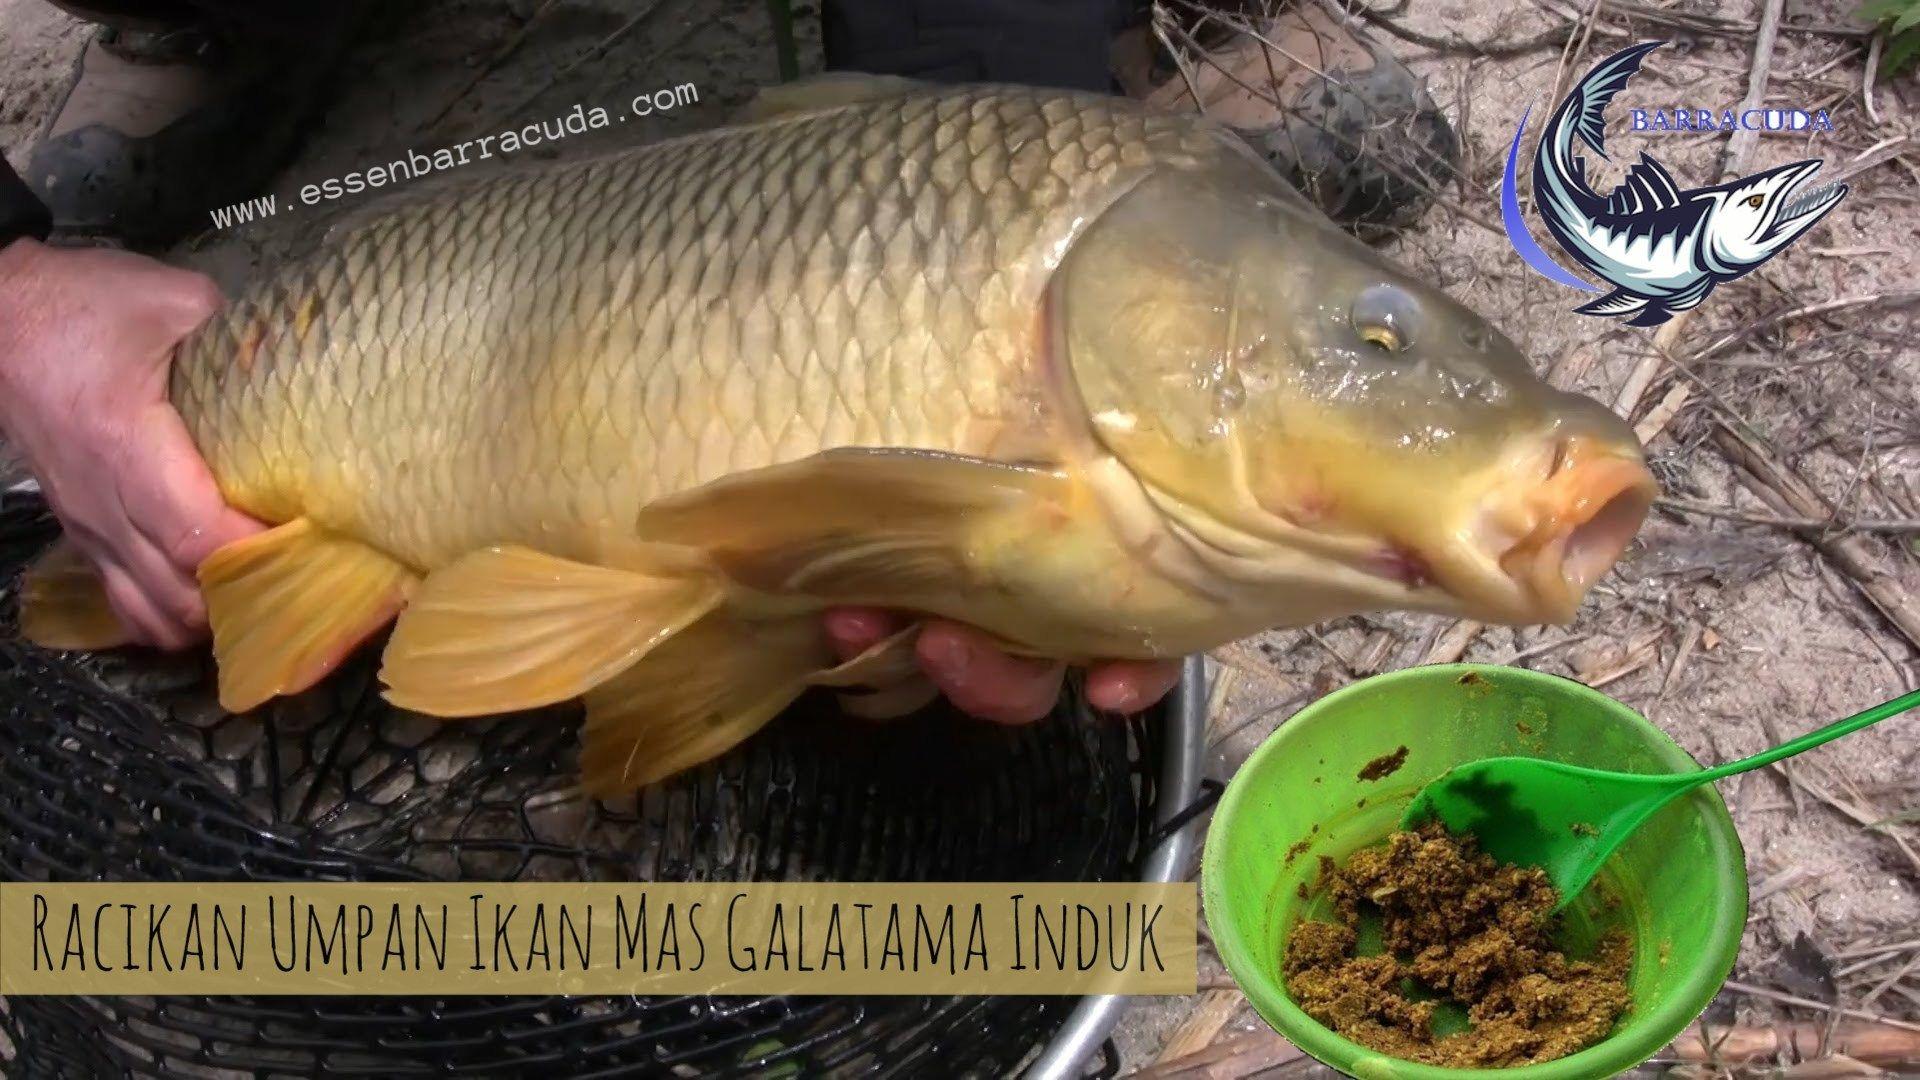 Resep Umpan Ikan Mas Galatama Induk Terbaru Dengan Campuran Essen Oplosan Dari Barracuda Dengan Aroma Khas Yang Sangat Disukai Ikan Mas Babon Dija Fish Aquatic